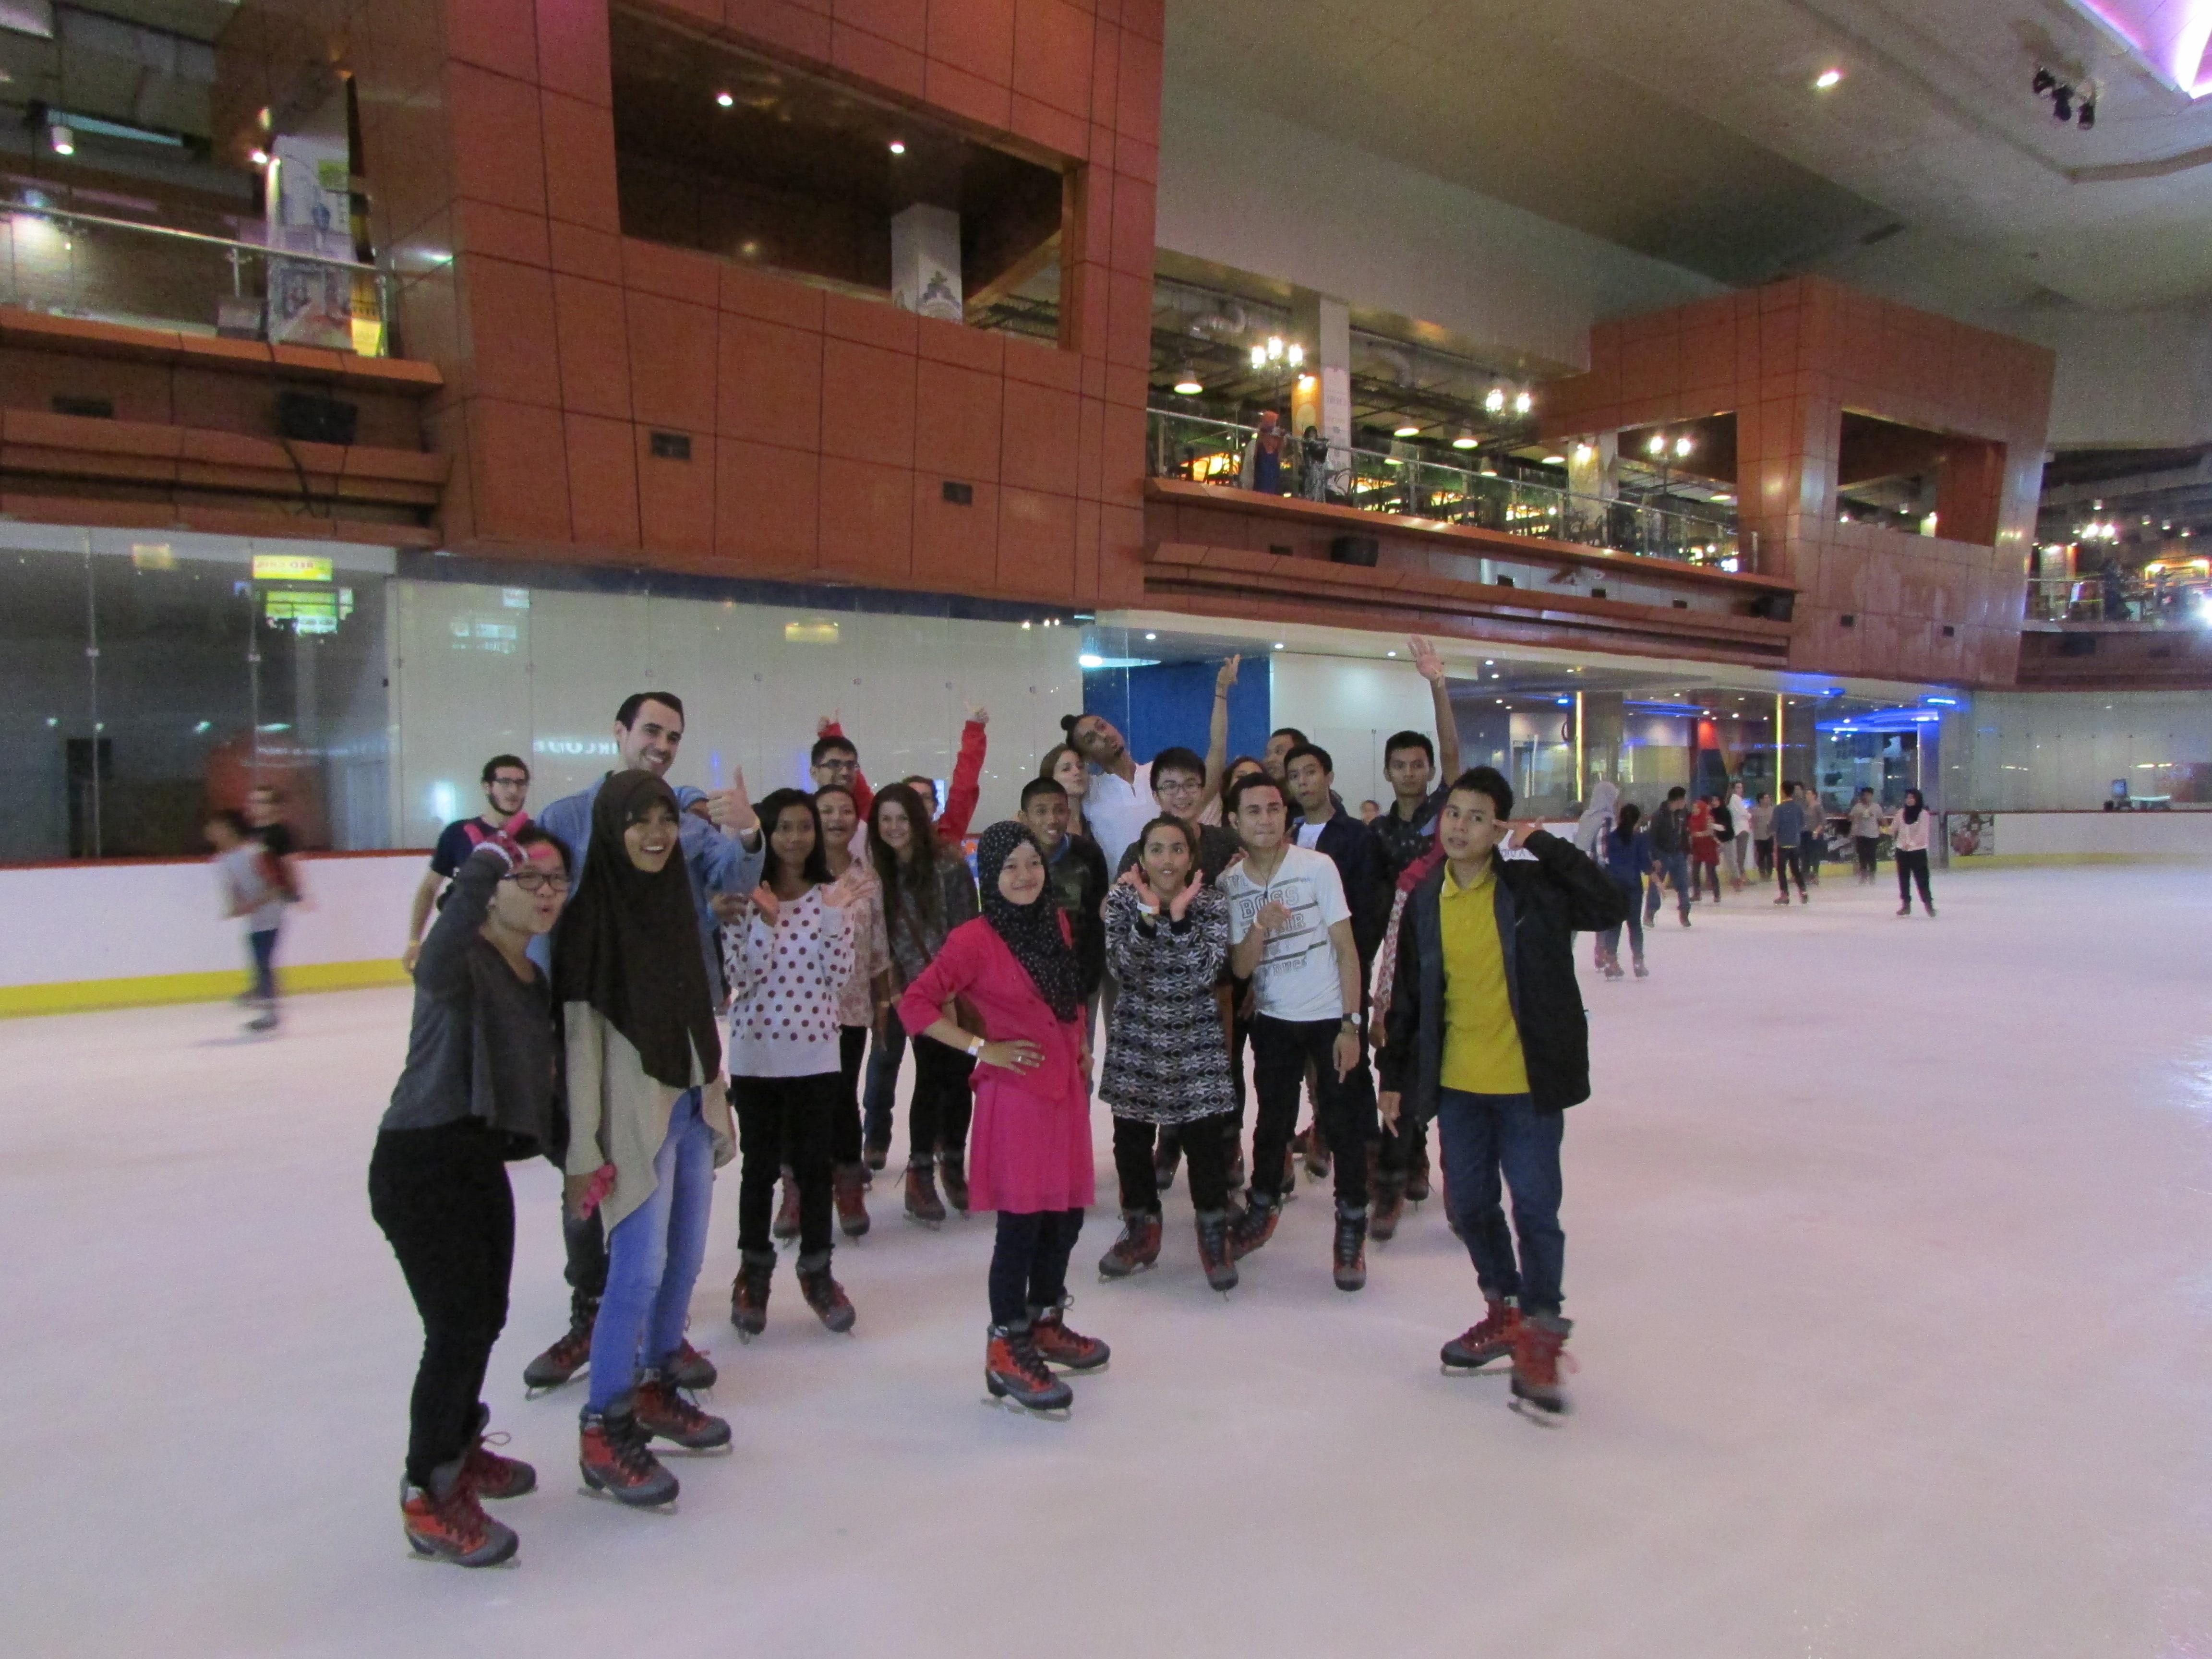 Bowling 1 ice skating